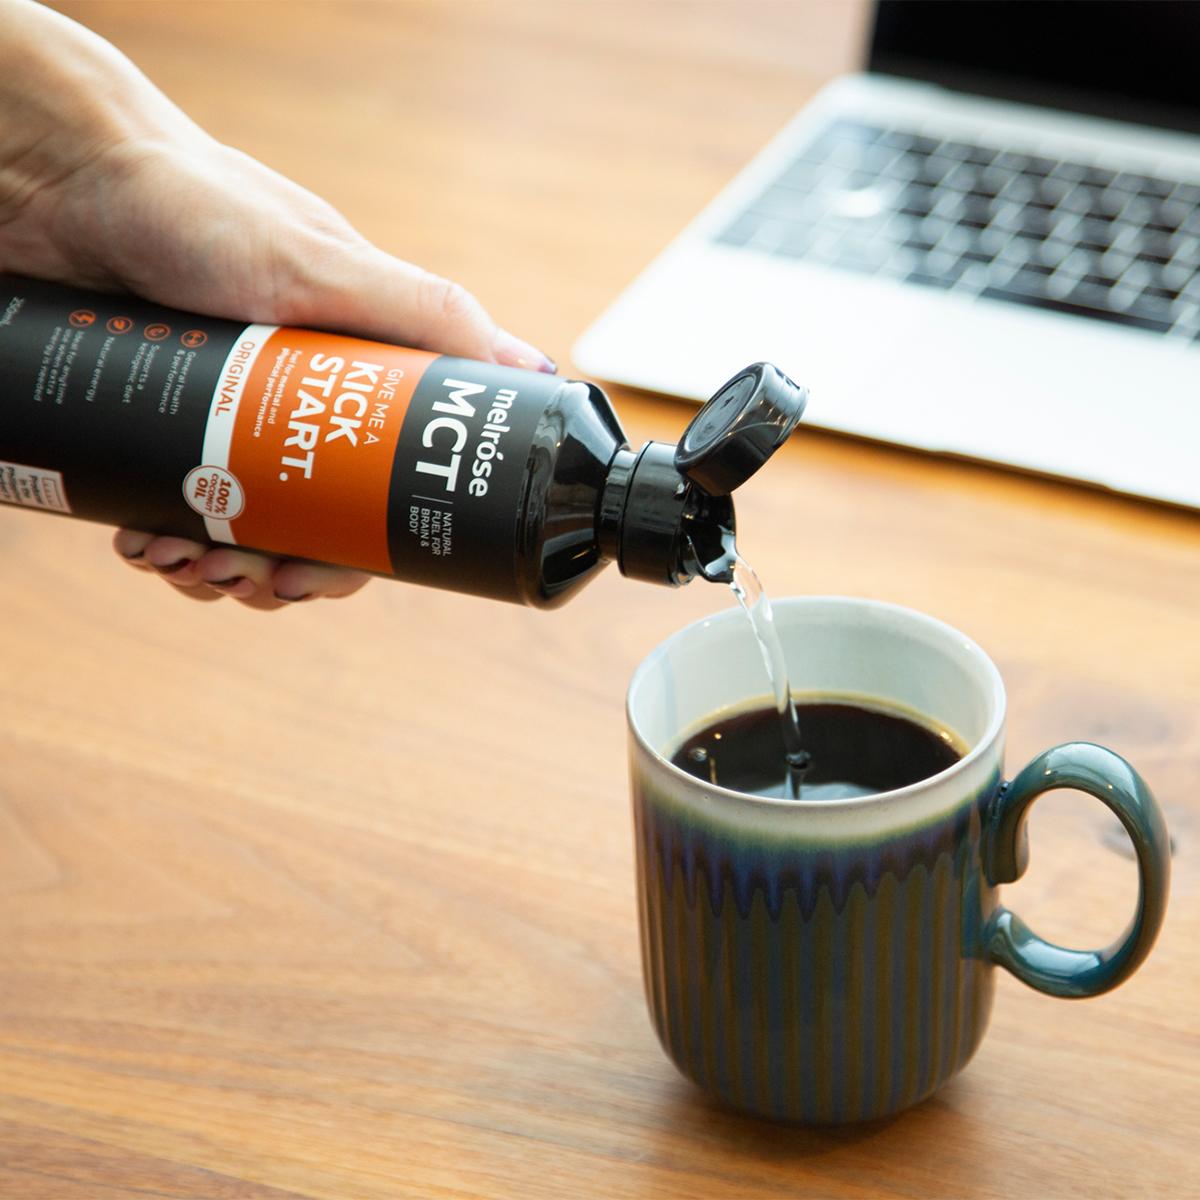 毎朝、脳と体に、目覚めの一杯を習慣に。脂肪をエネルギーに素早く変えるオーガニックのMCTオイル|MELROSE KICKSTART(メルローズ キックスタート)